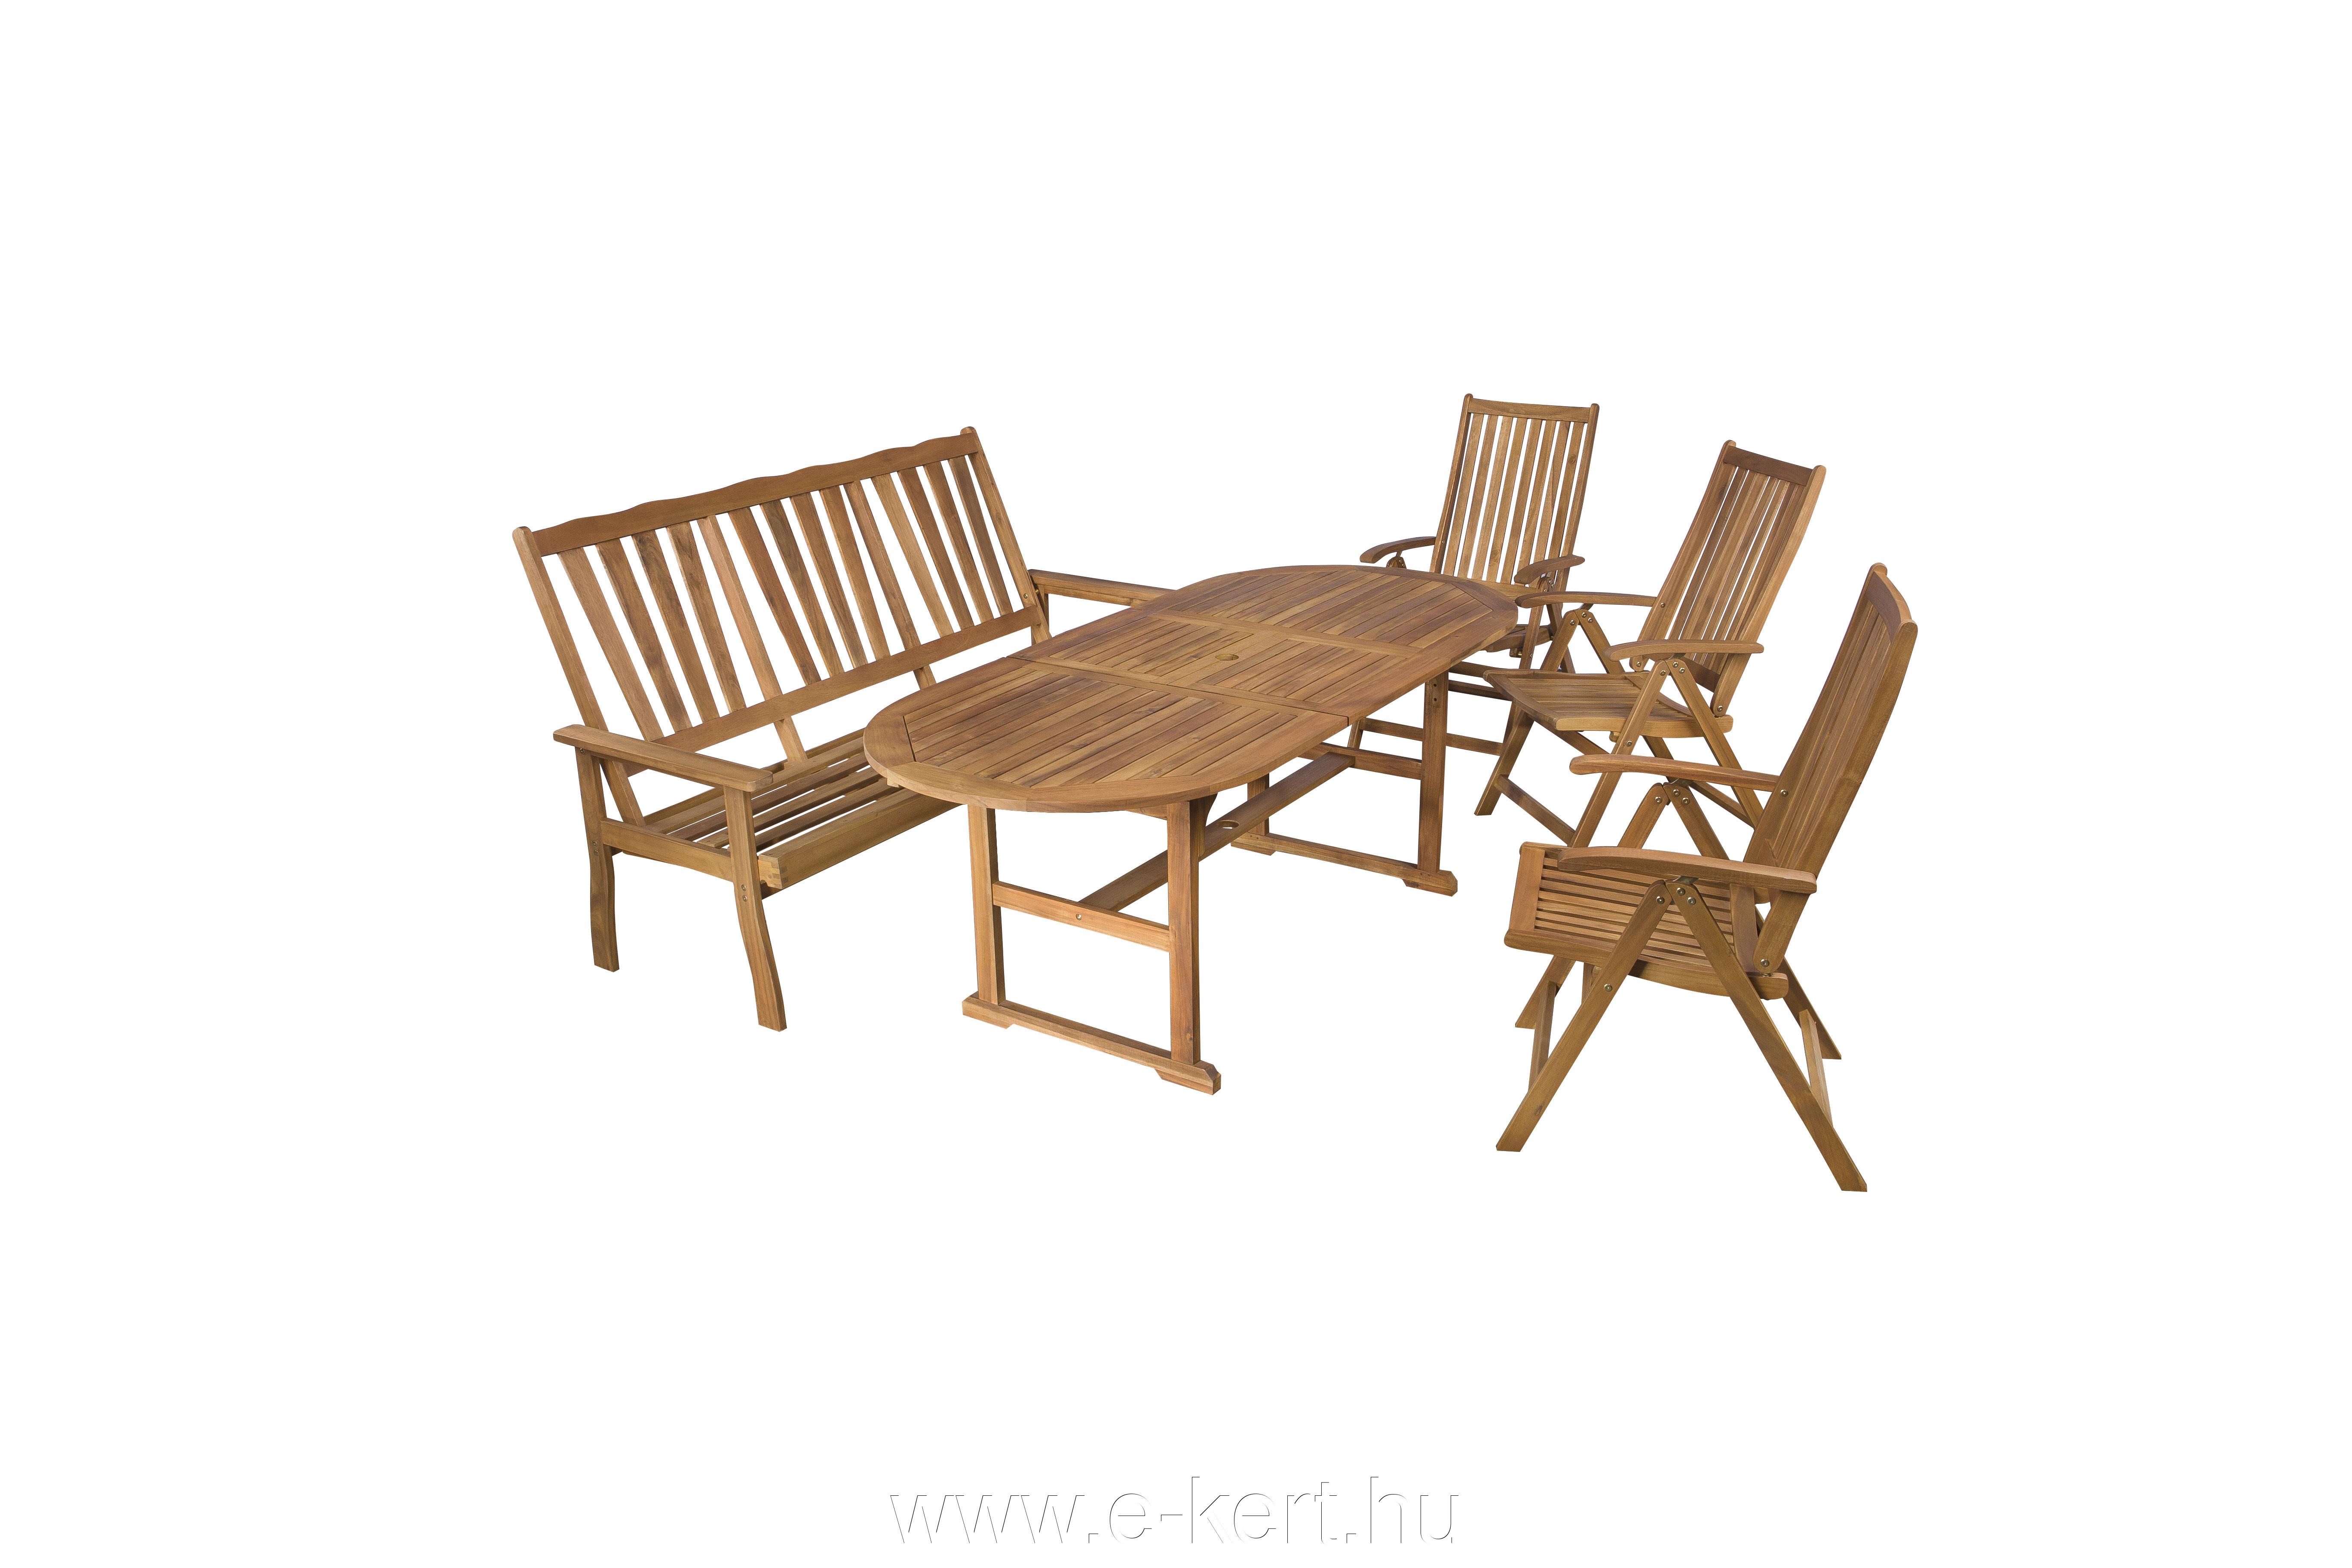 Fa kerti bútor ovális asztal+pad +székek - E-kert